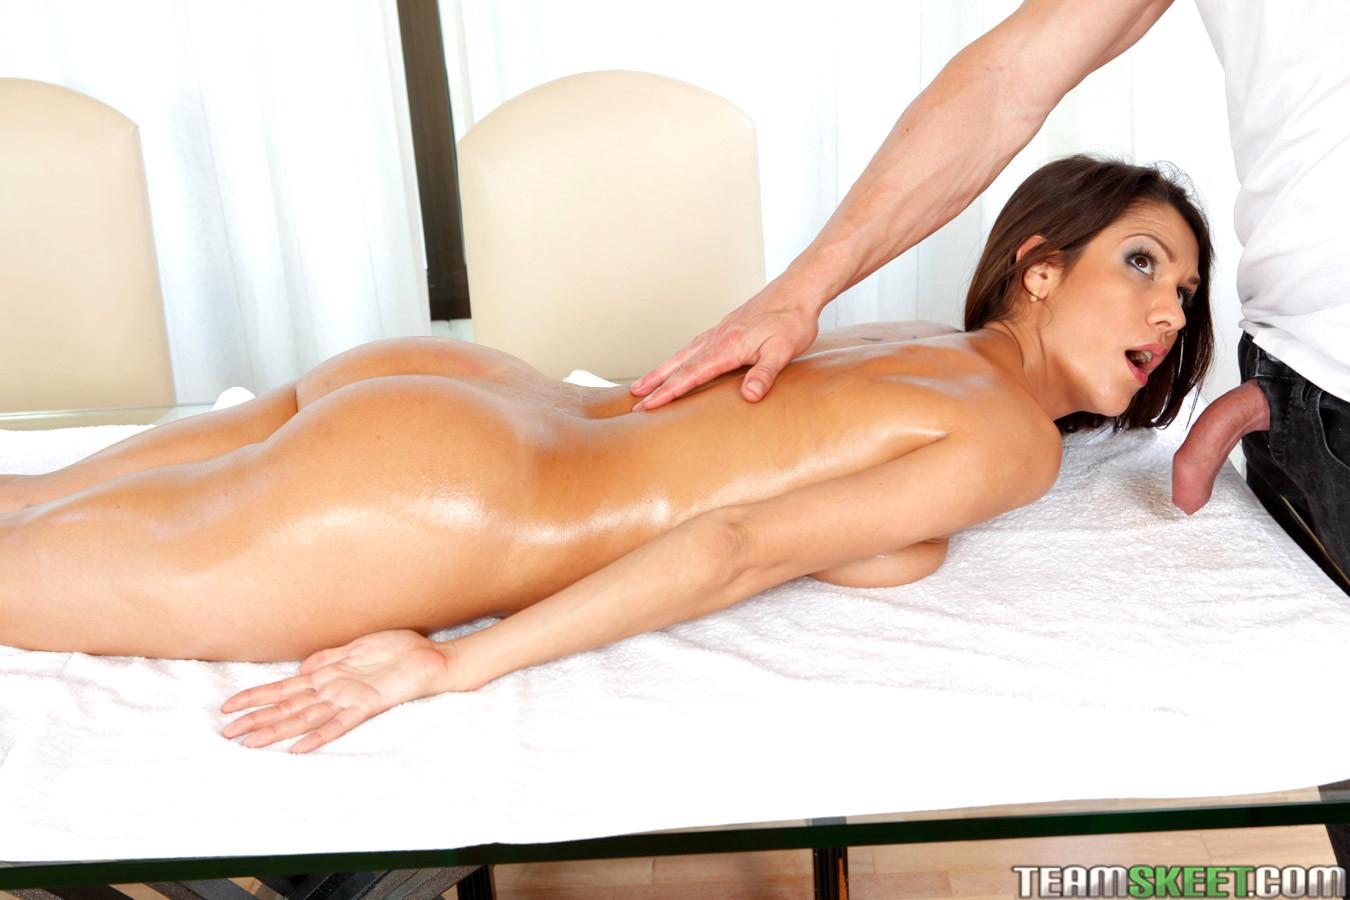 erotik treffs sie sucht ihn erotik markt berlin